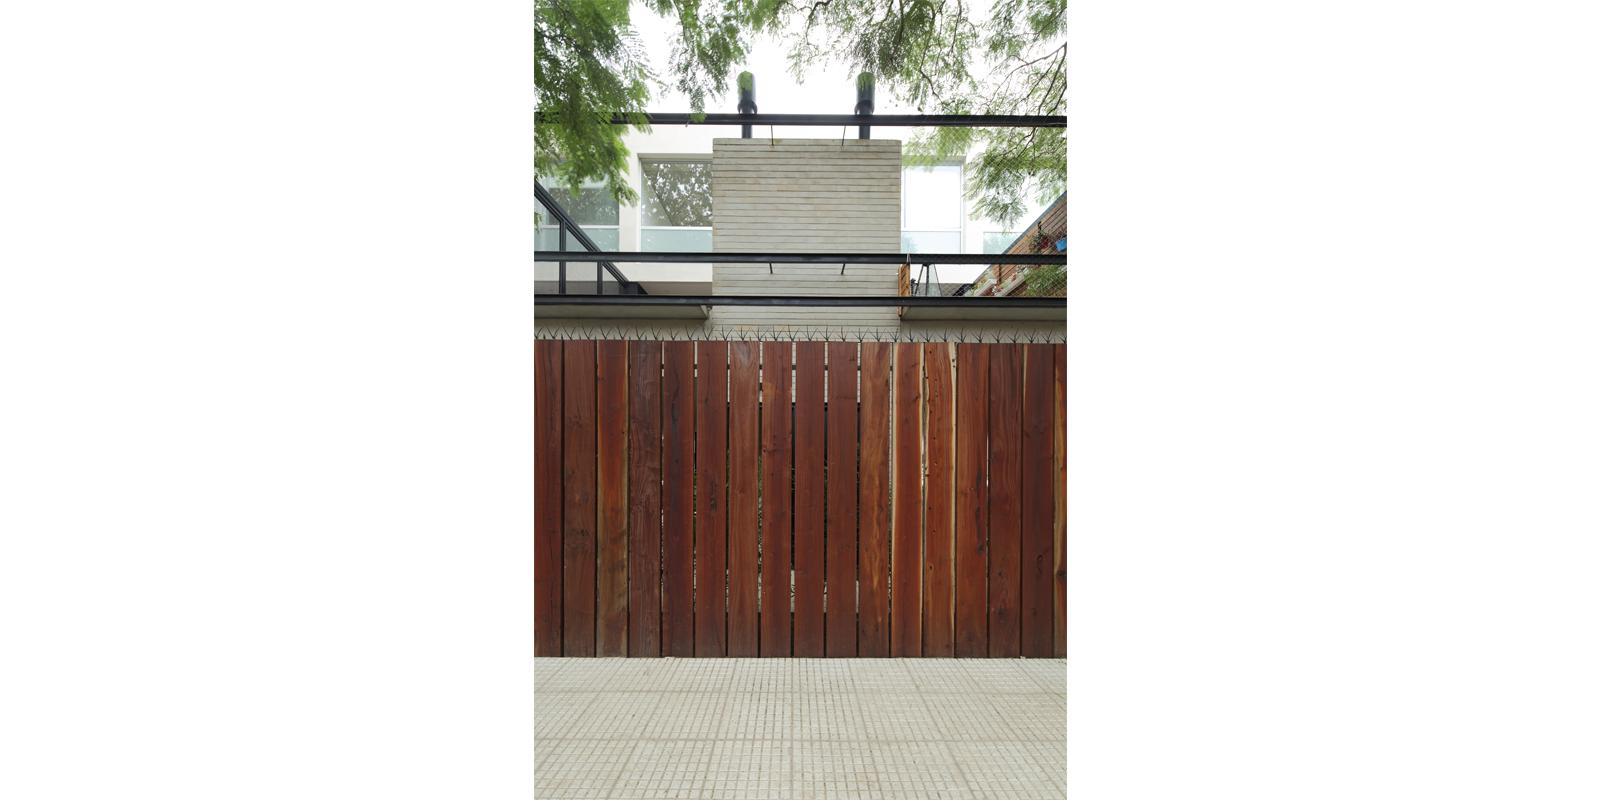 ProyectoC_Arquitectos_Portfolio_03_FloridaDesign